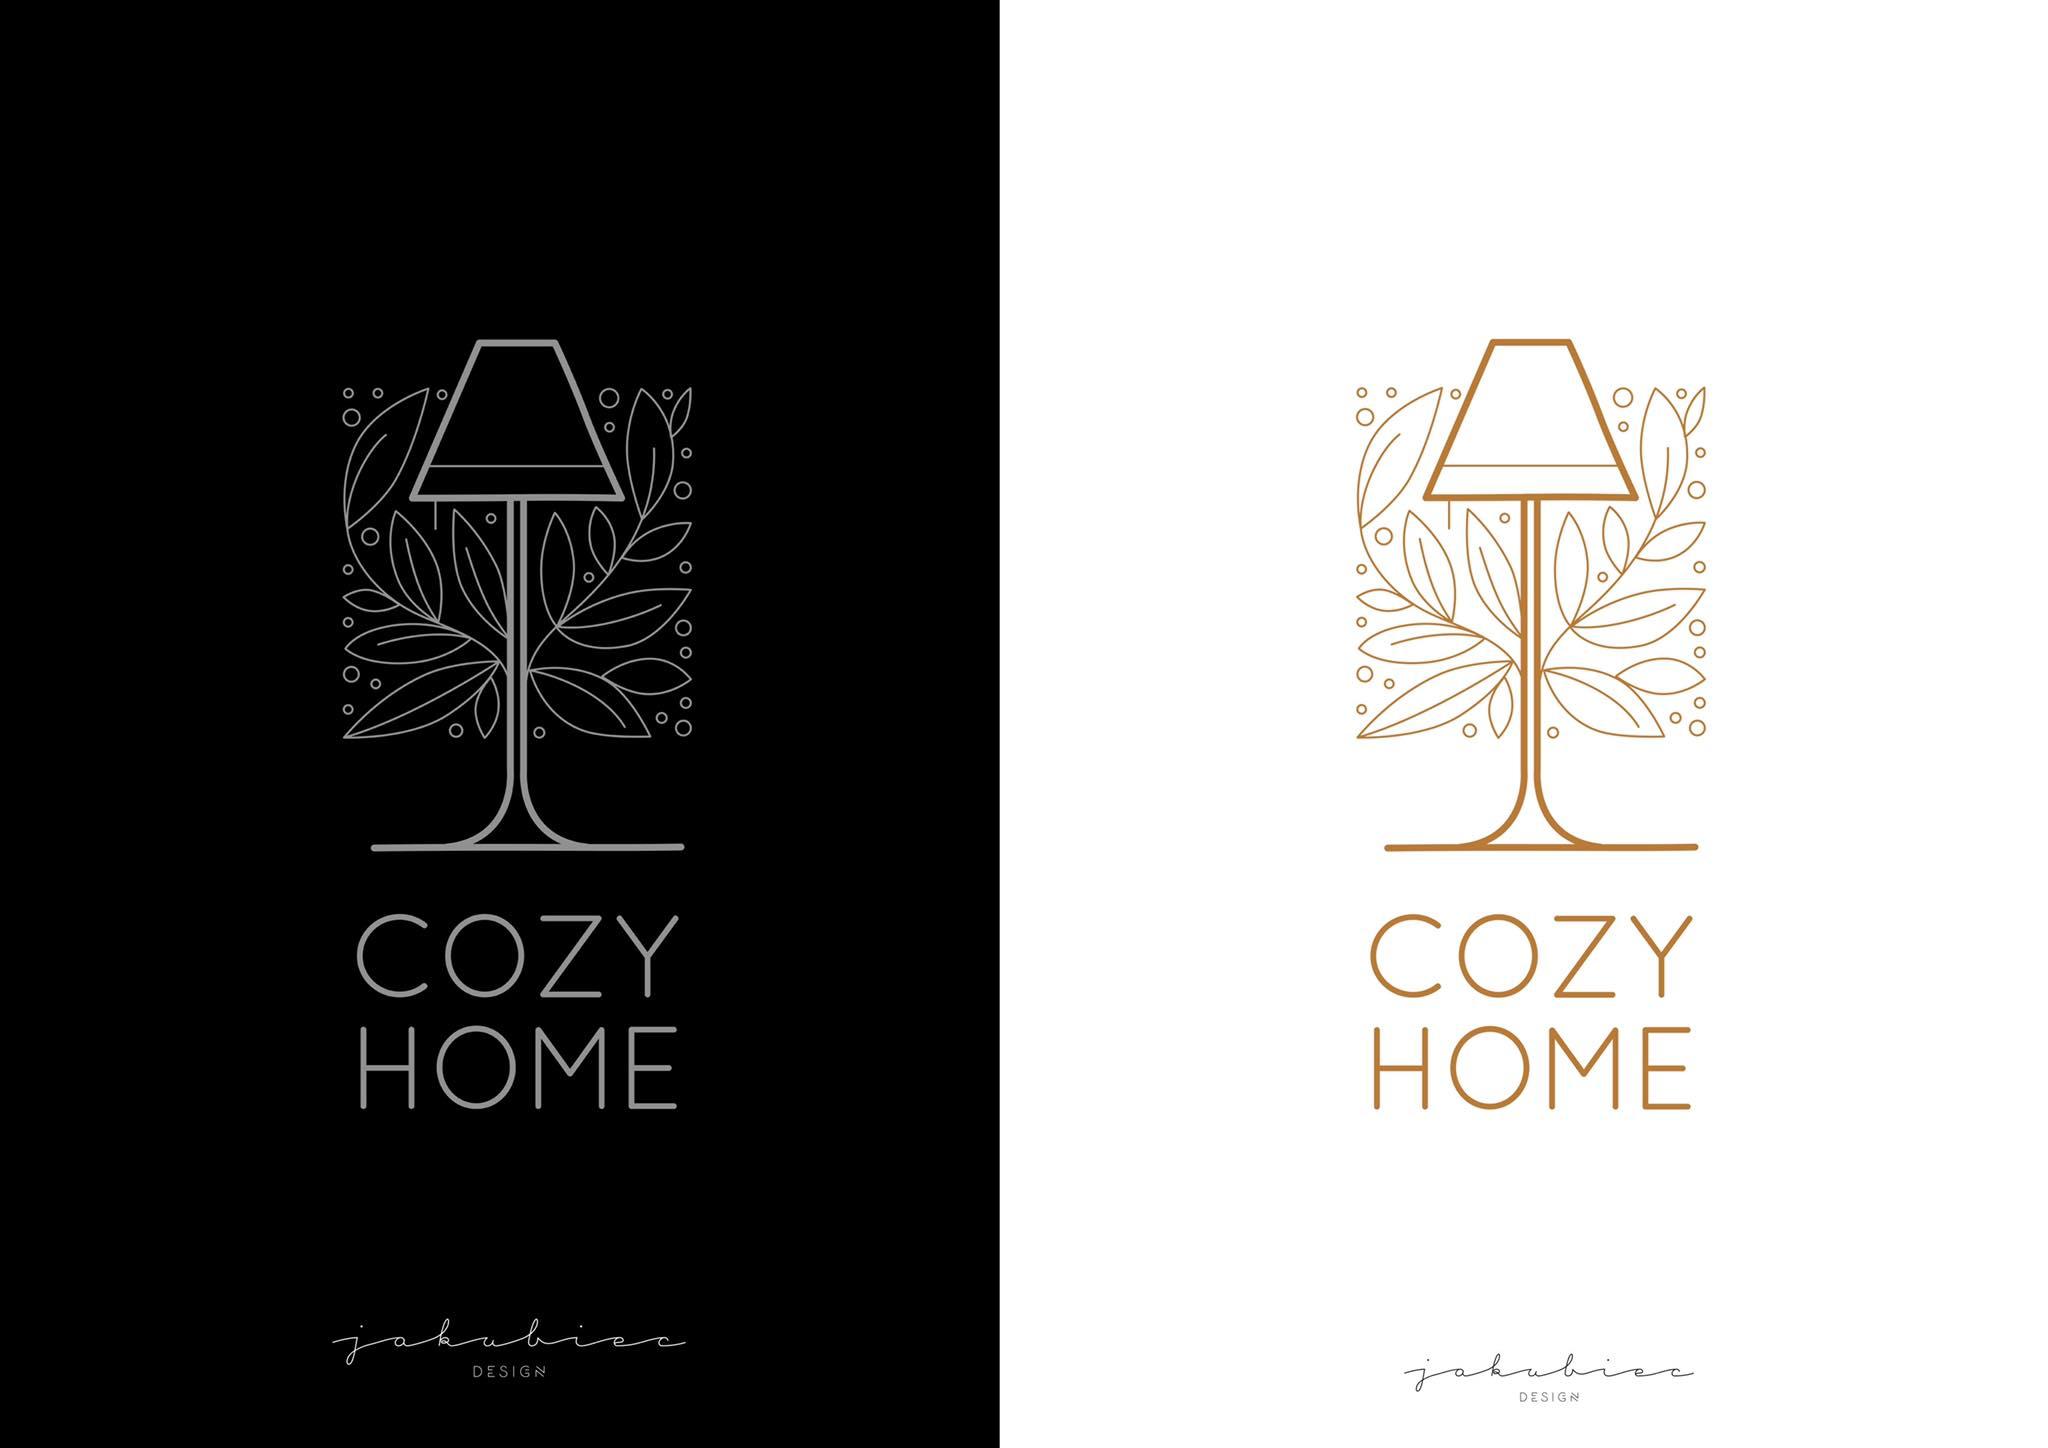 Jakubiec Design